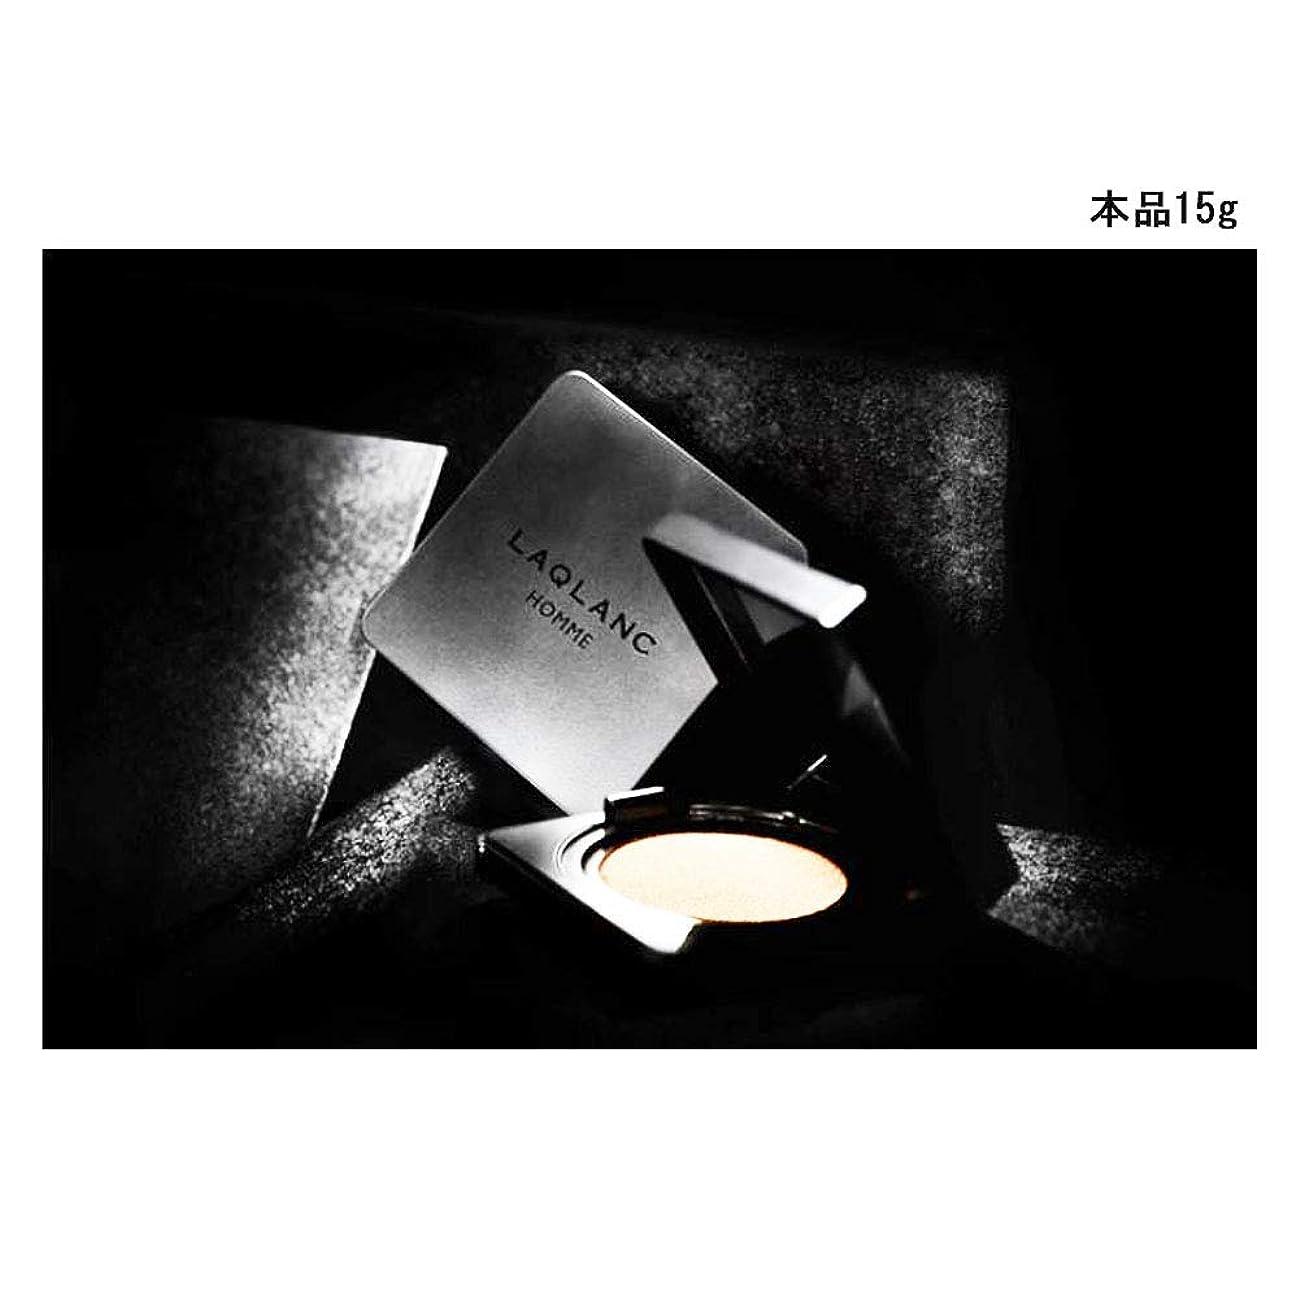 視力羊残高(Laqlanc)大人気 10秒完成 ナチュラル 肌色アップ 紫外線遮断 ホワイトニング 男性 エアクッション 15g [海外配送品] [並行輸入品]